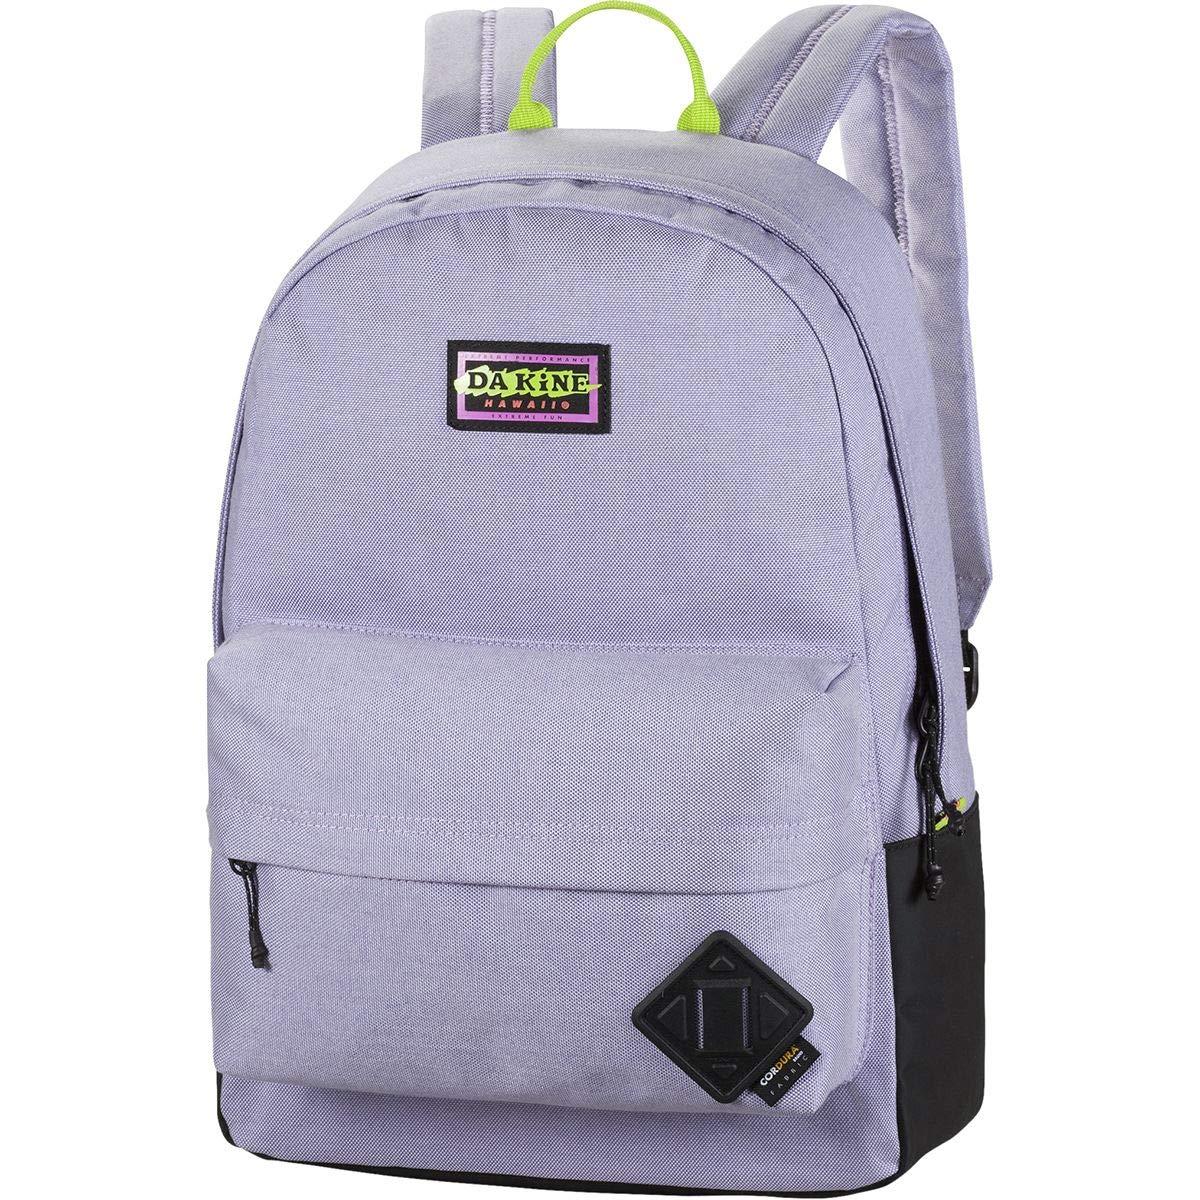 [ダカイン] メンズ バックパックリュックサック 365 21L Backpack [並行輸入品] No-Size  B07QLLKWNY